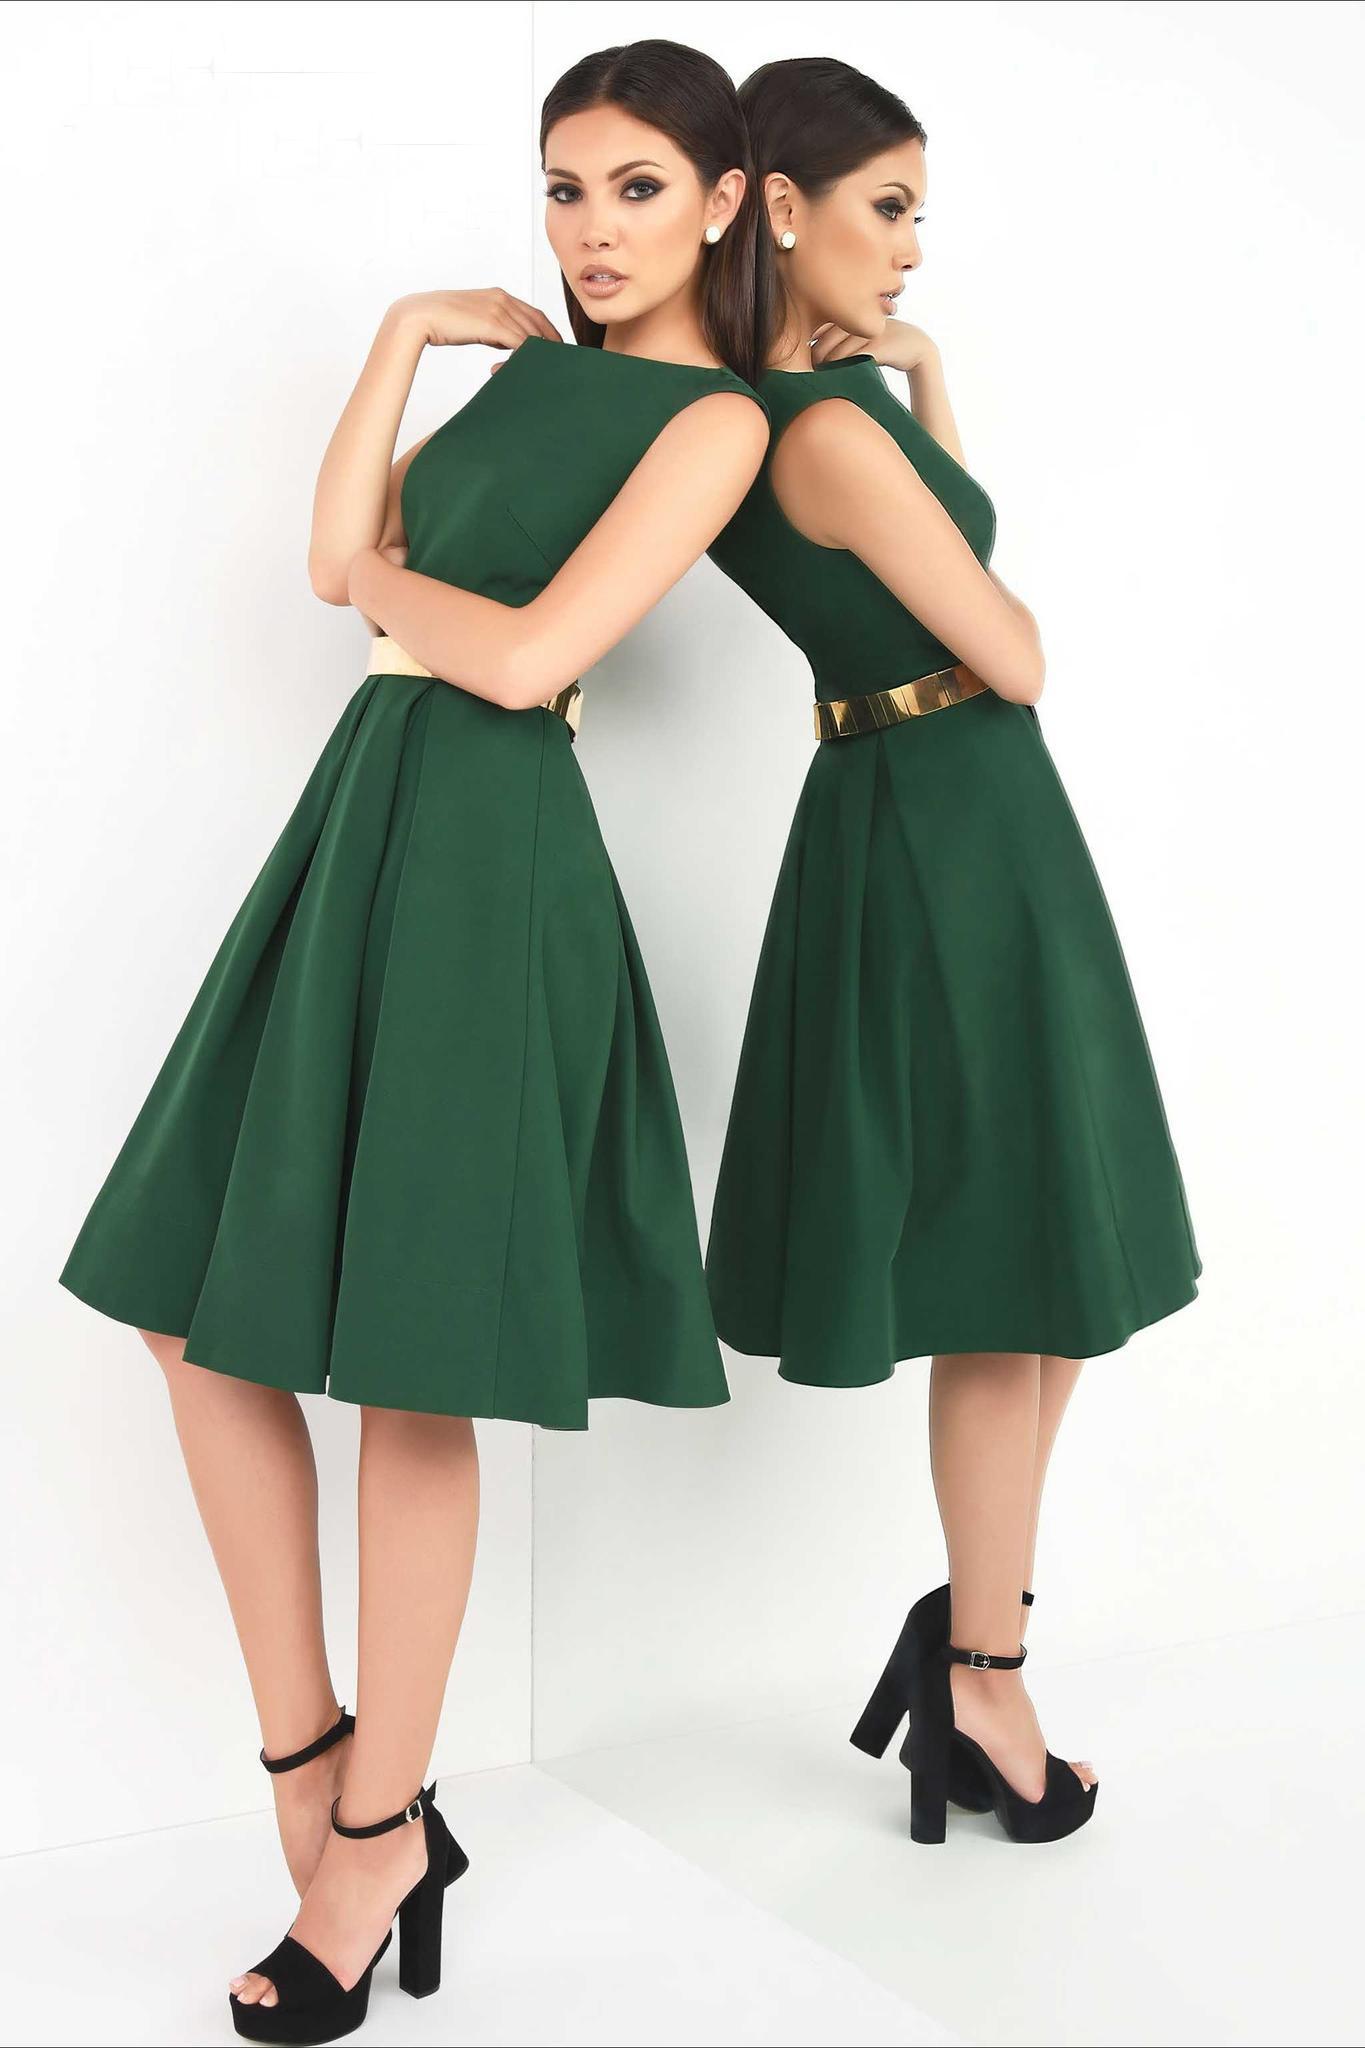 IEENA for Mac Duggal 16203 Платье с пышной юбкой, золотой пояс,цвет:глубокий зеленый